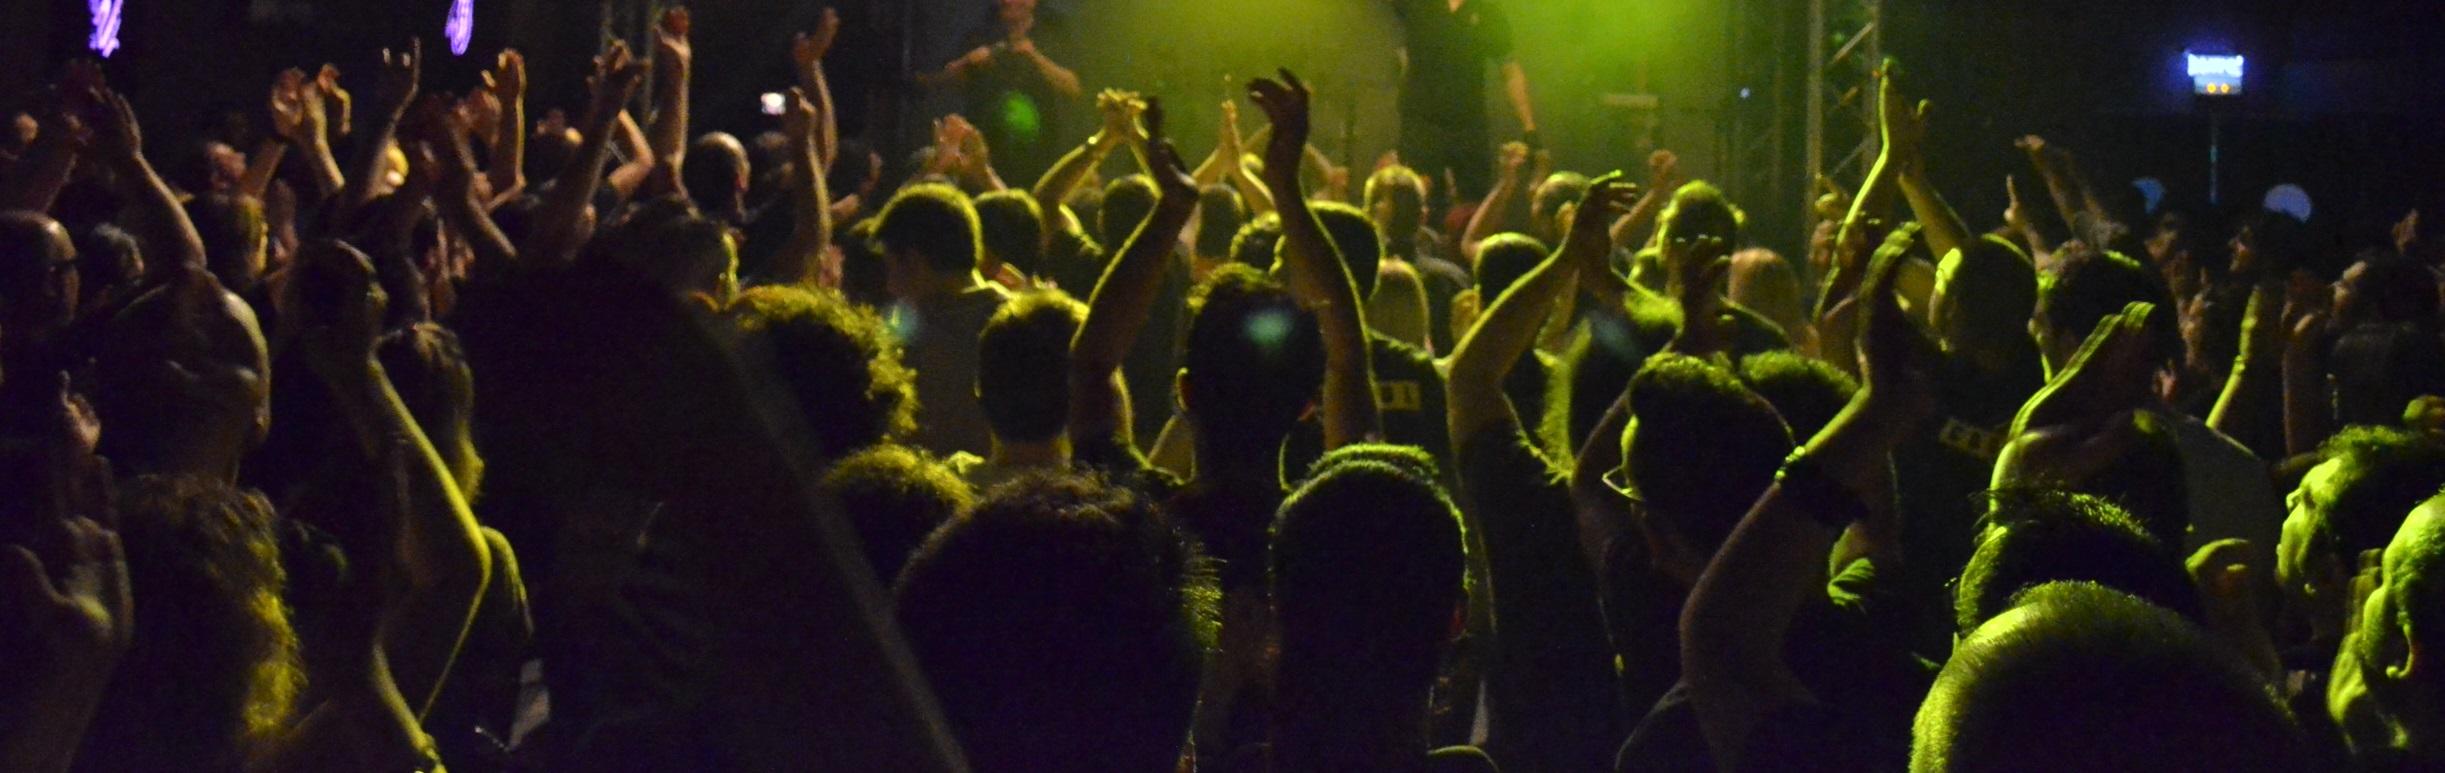 crowd_es